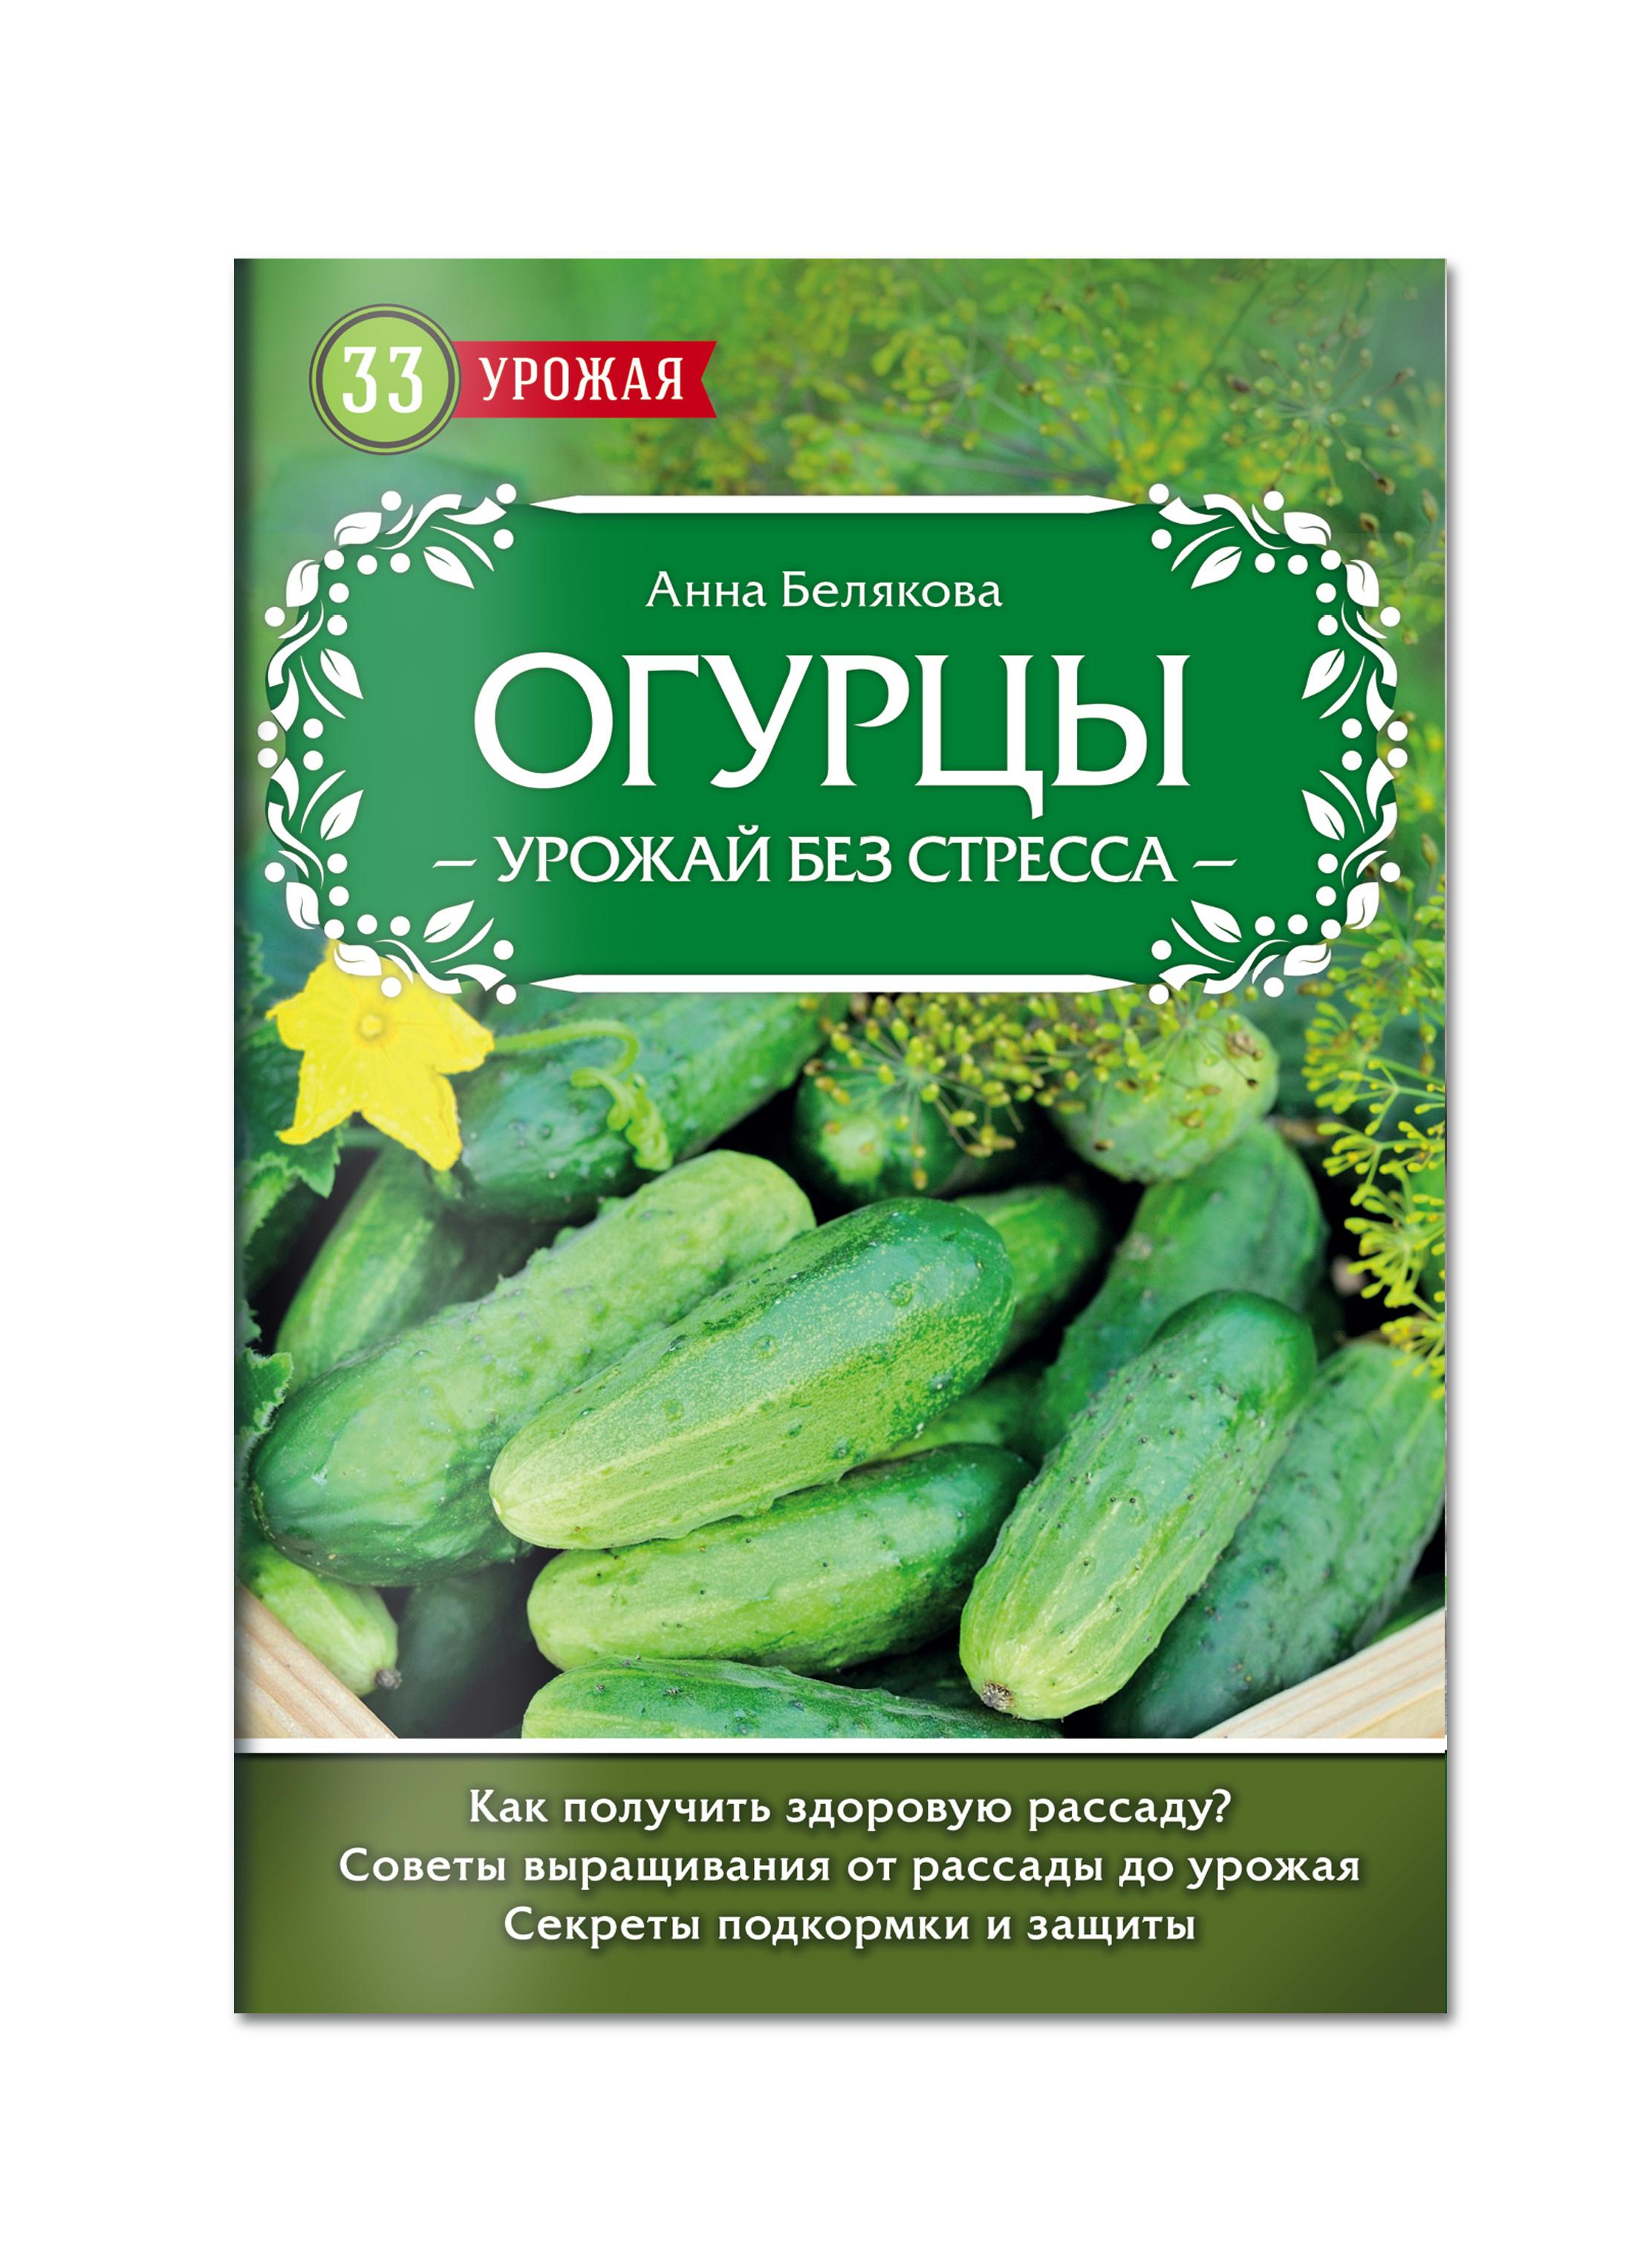 Огурцы. Урожай без стресса